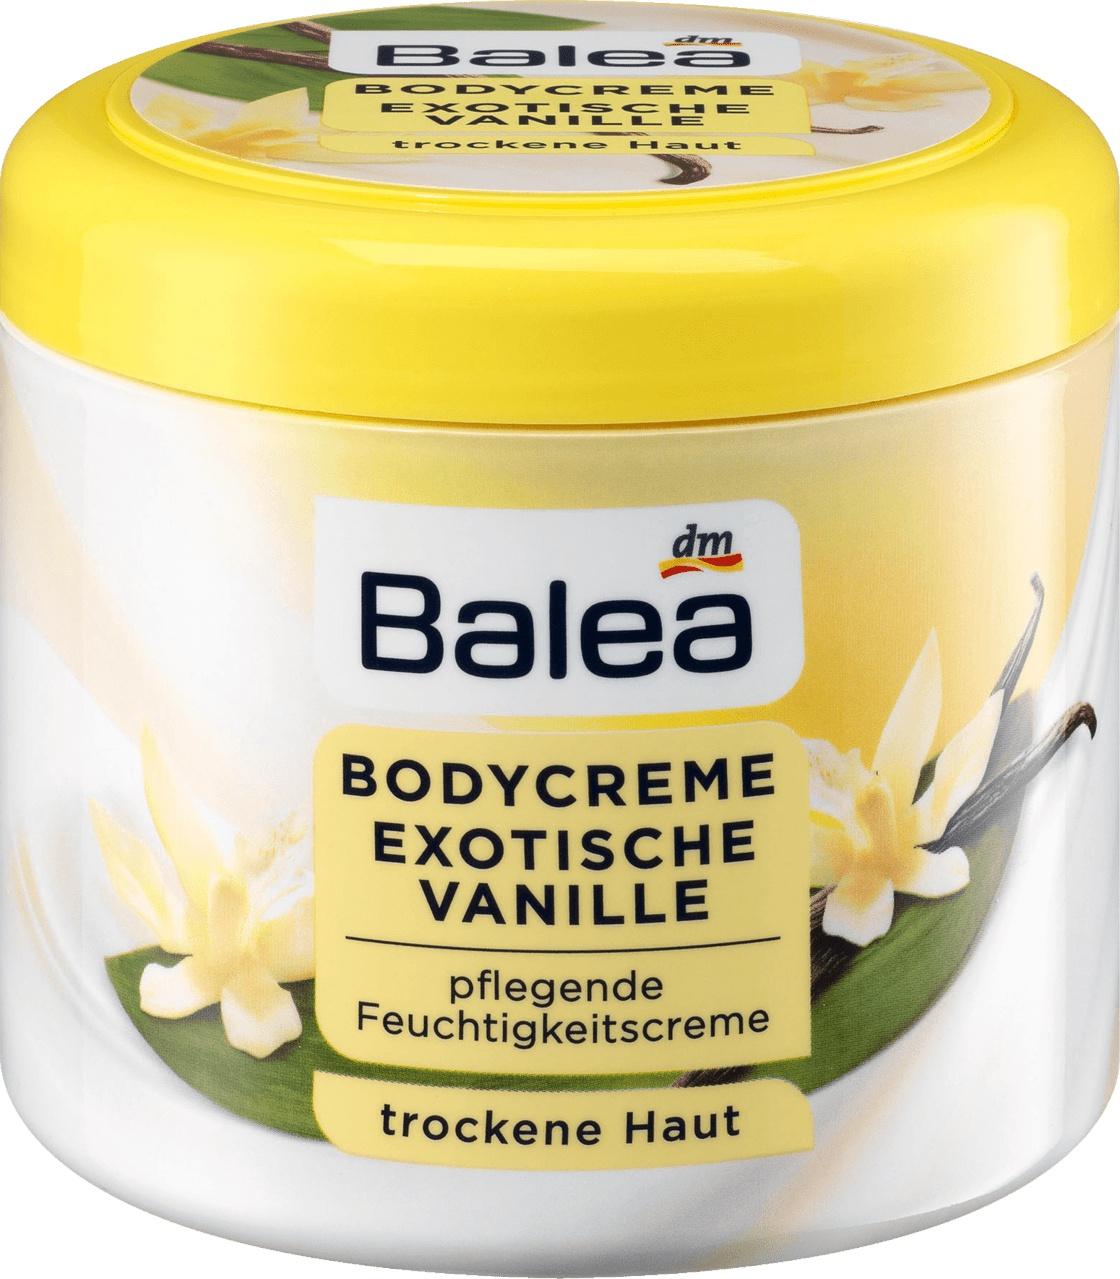 Balea Bodycreme Exotische Vanille